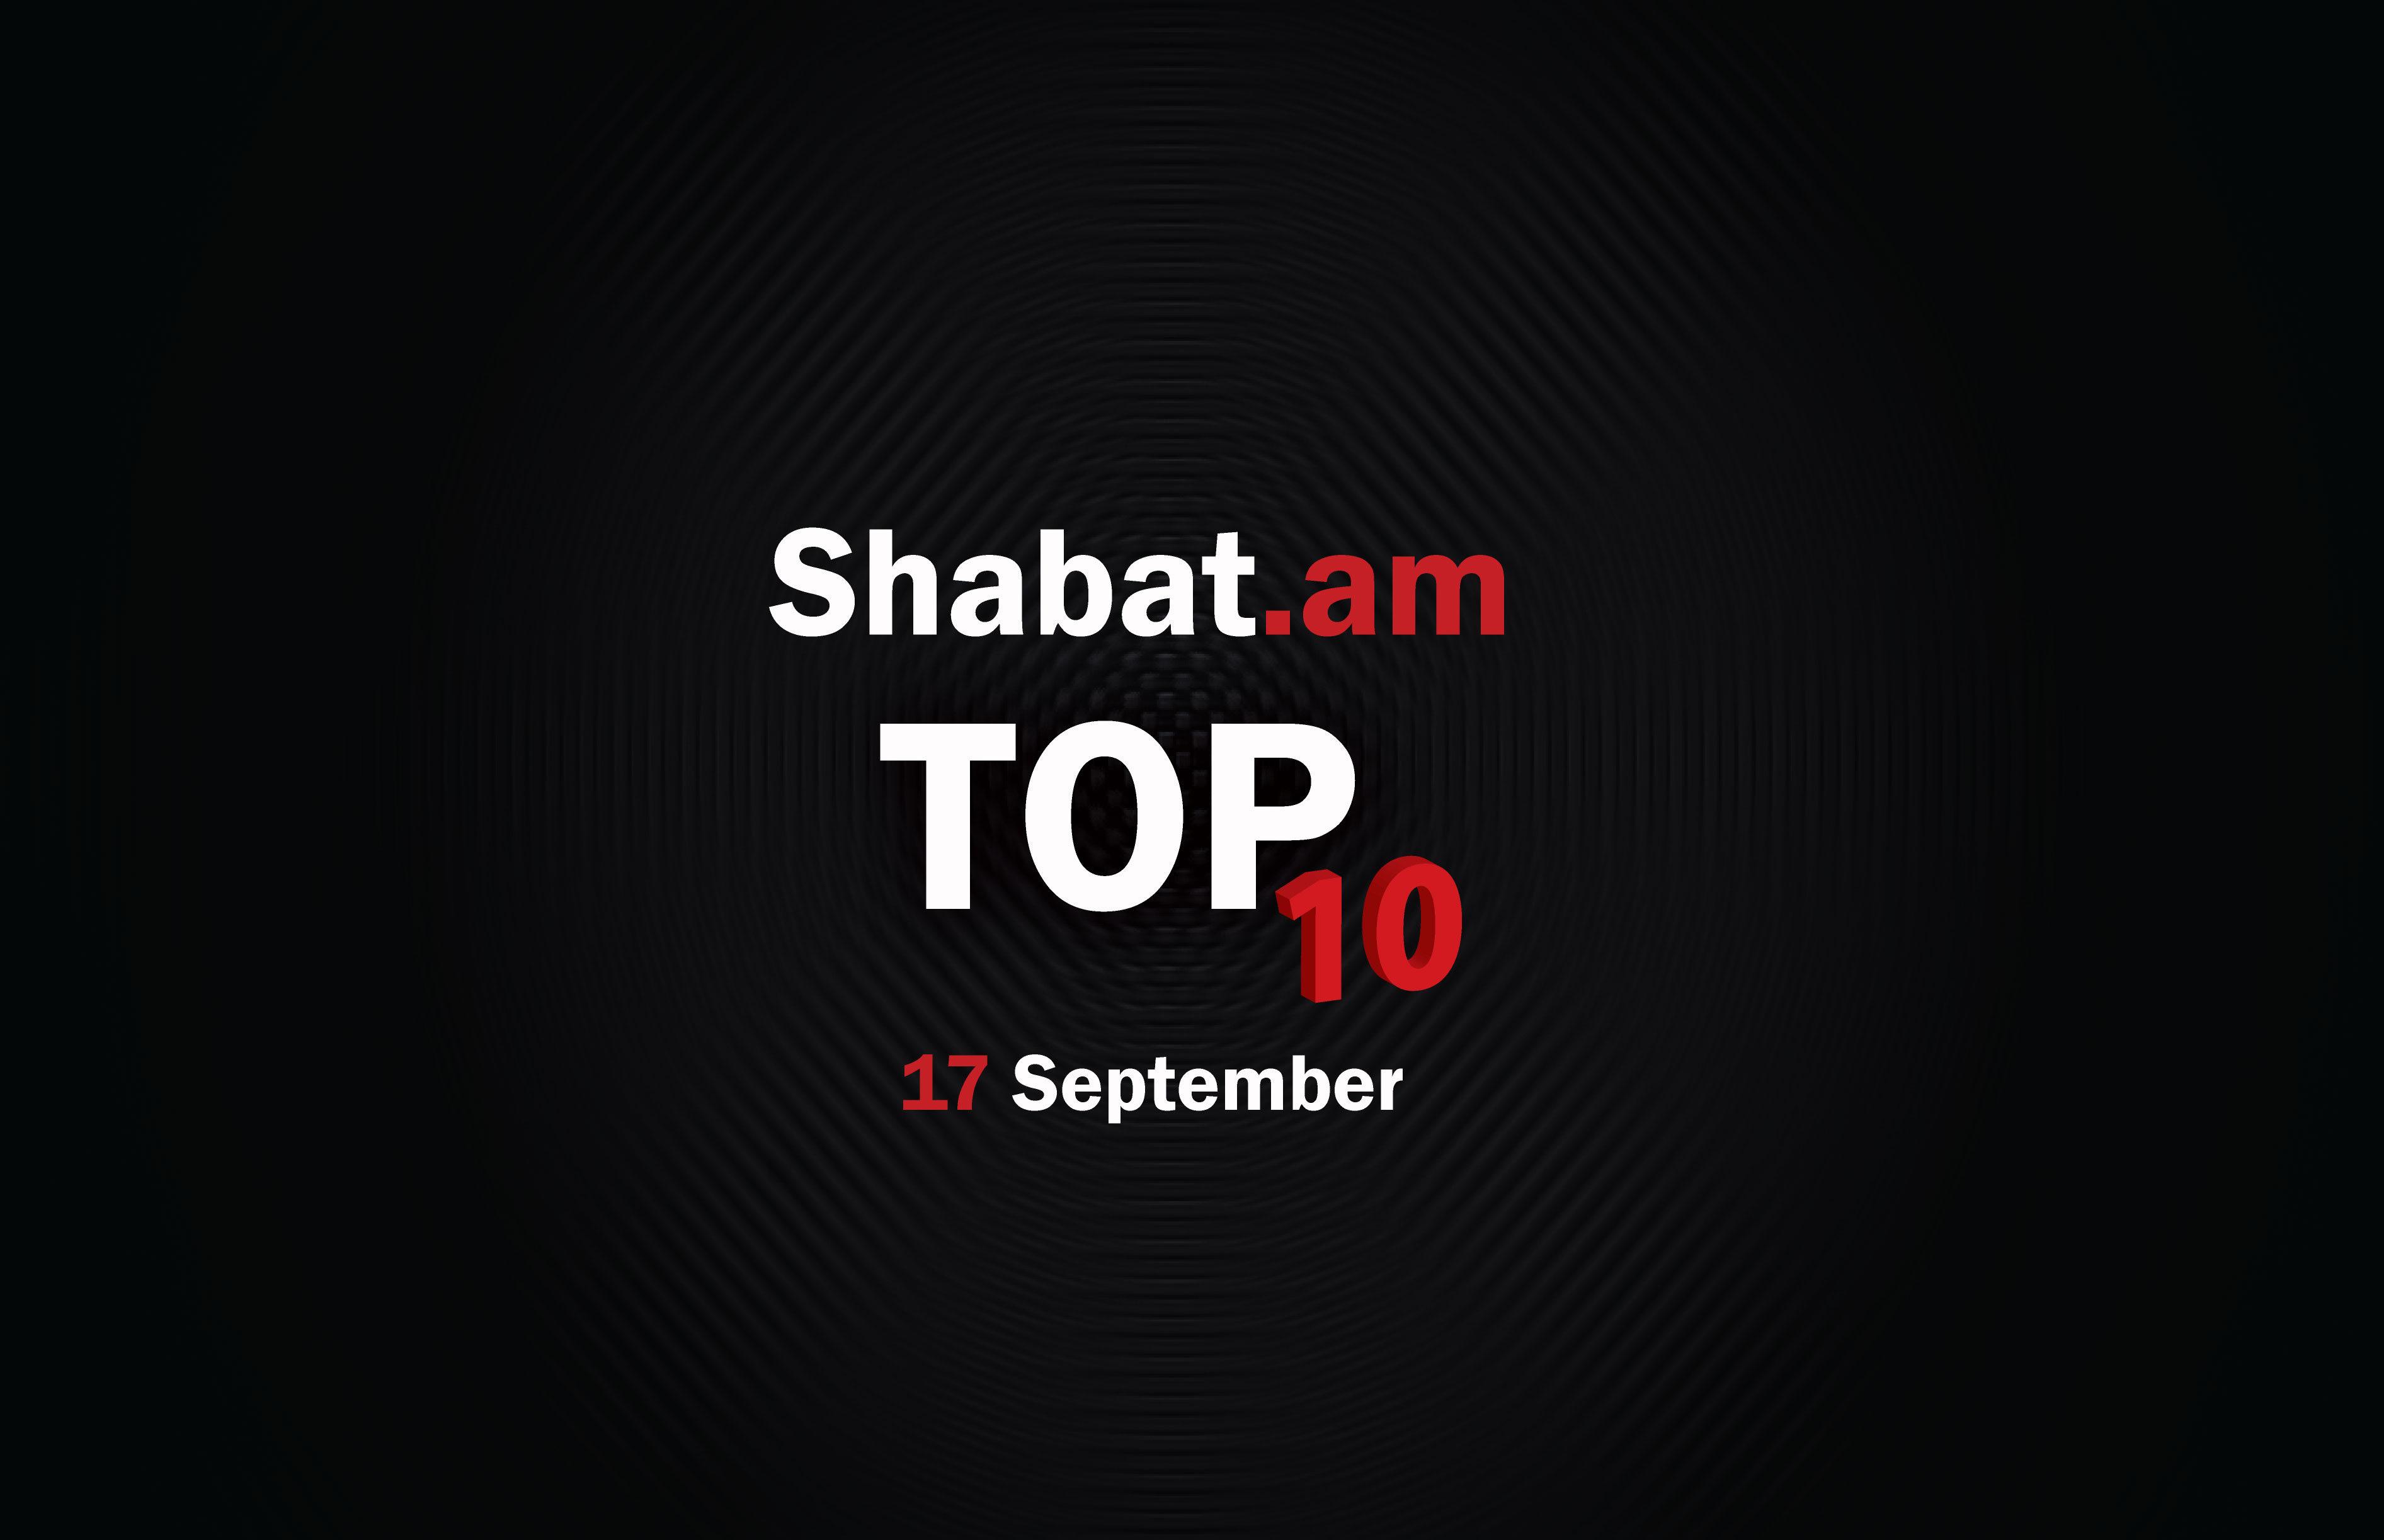 Ամենահզորներից մինչև ամենաընդդիմադիրներ. Shabat.am - ի քաղաքական TOP 10 վերադառնում է